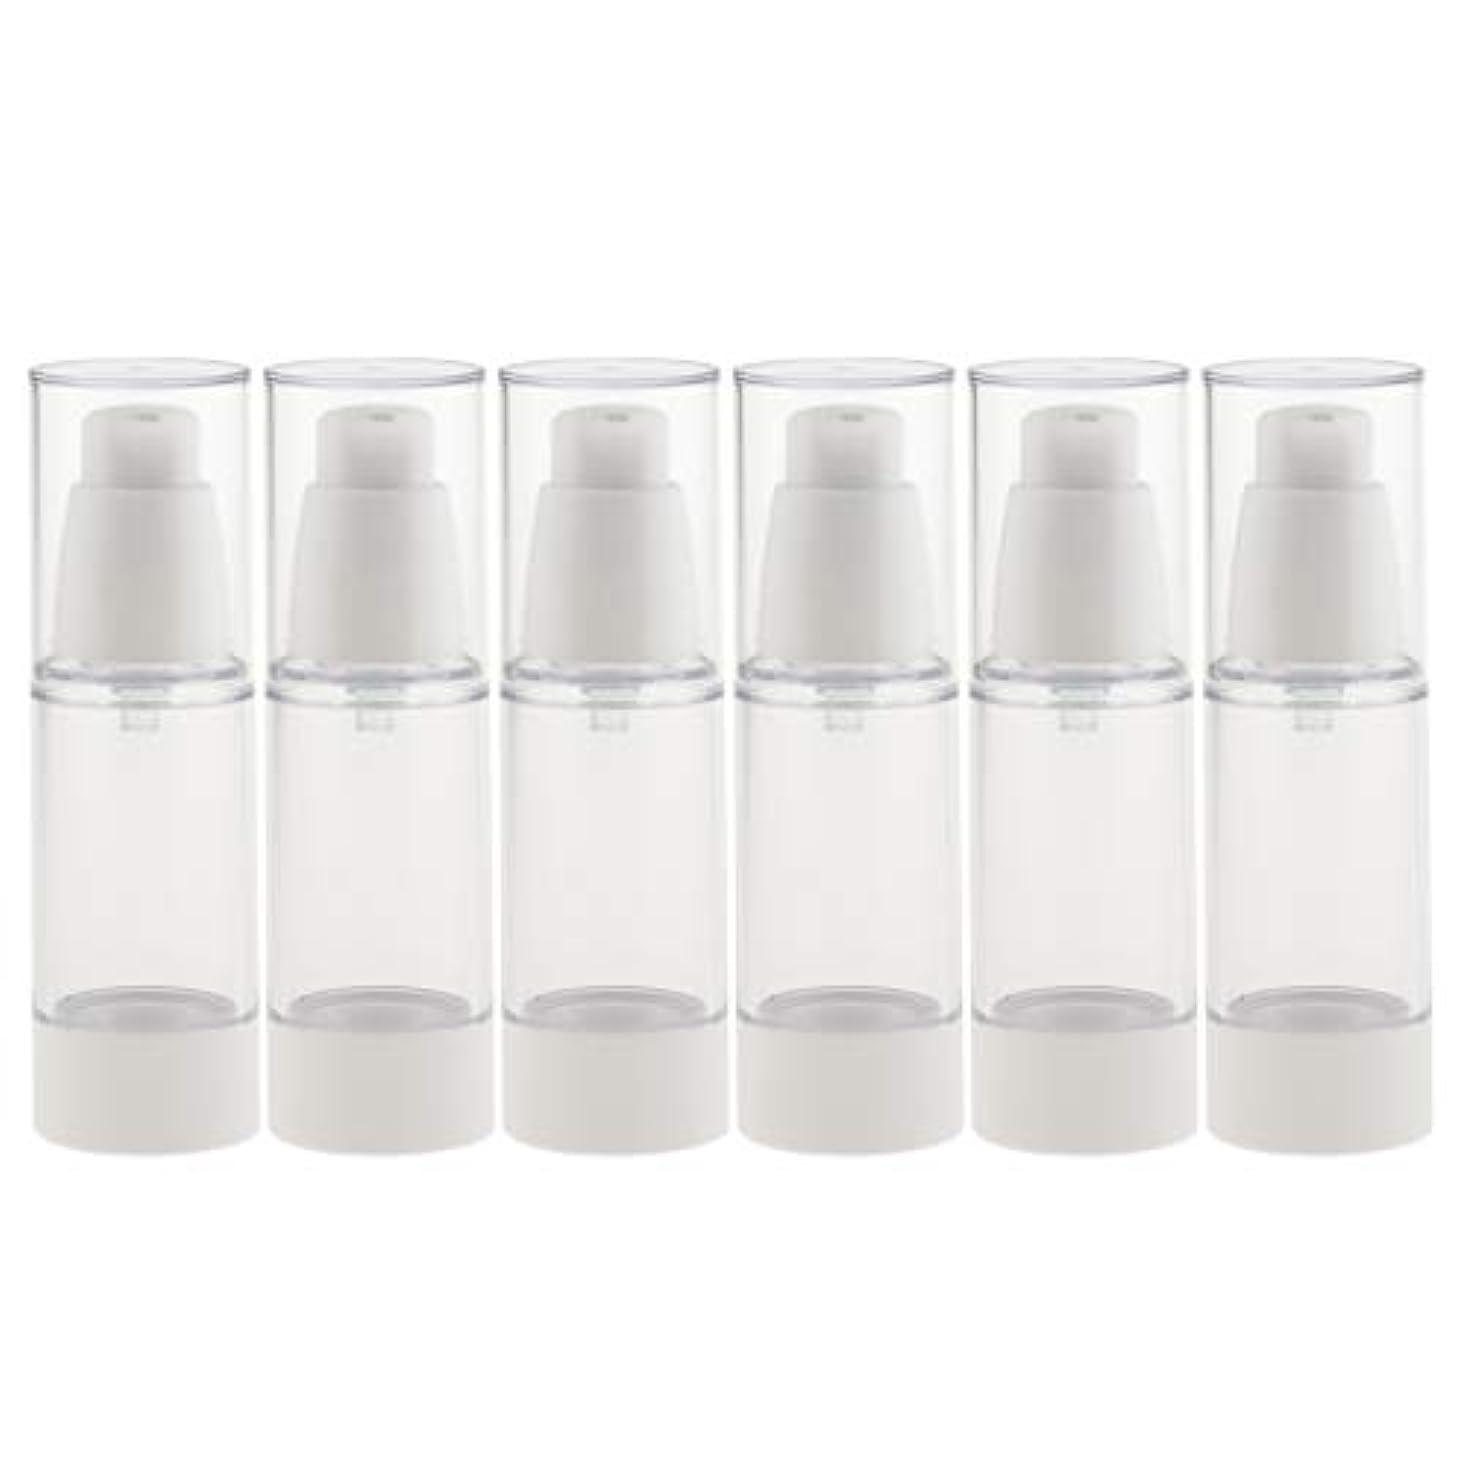 破壊的な選択環境に優しい6個 真空スプレーボトル ミストボトル 真空ボトル コスメ 化粧品 2サイズ選べ - 30ミリリットル